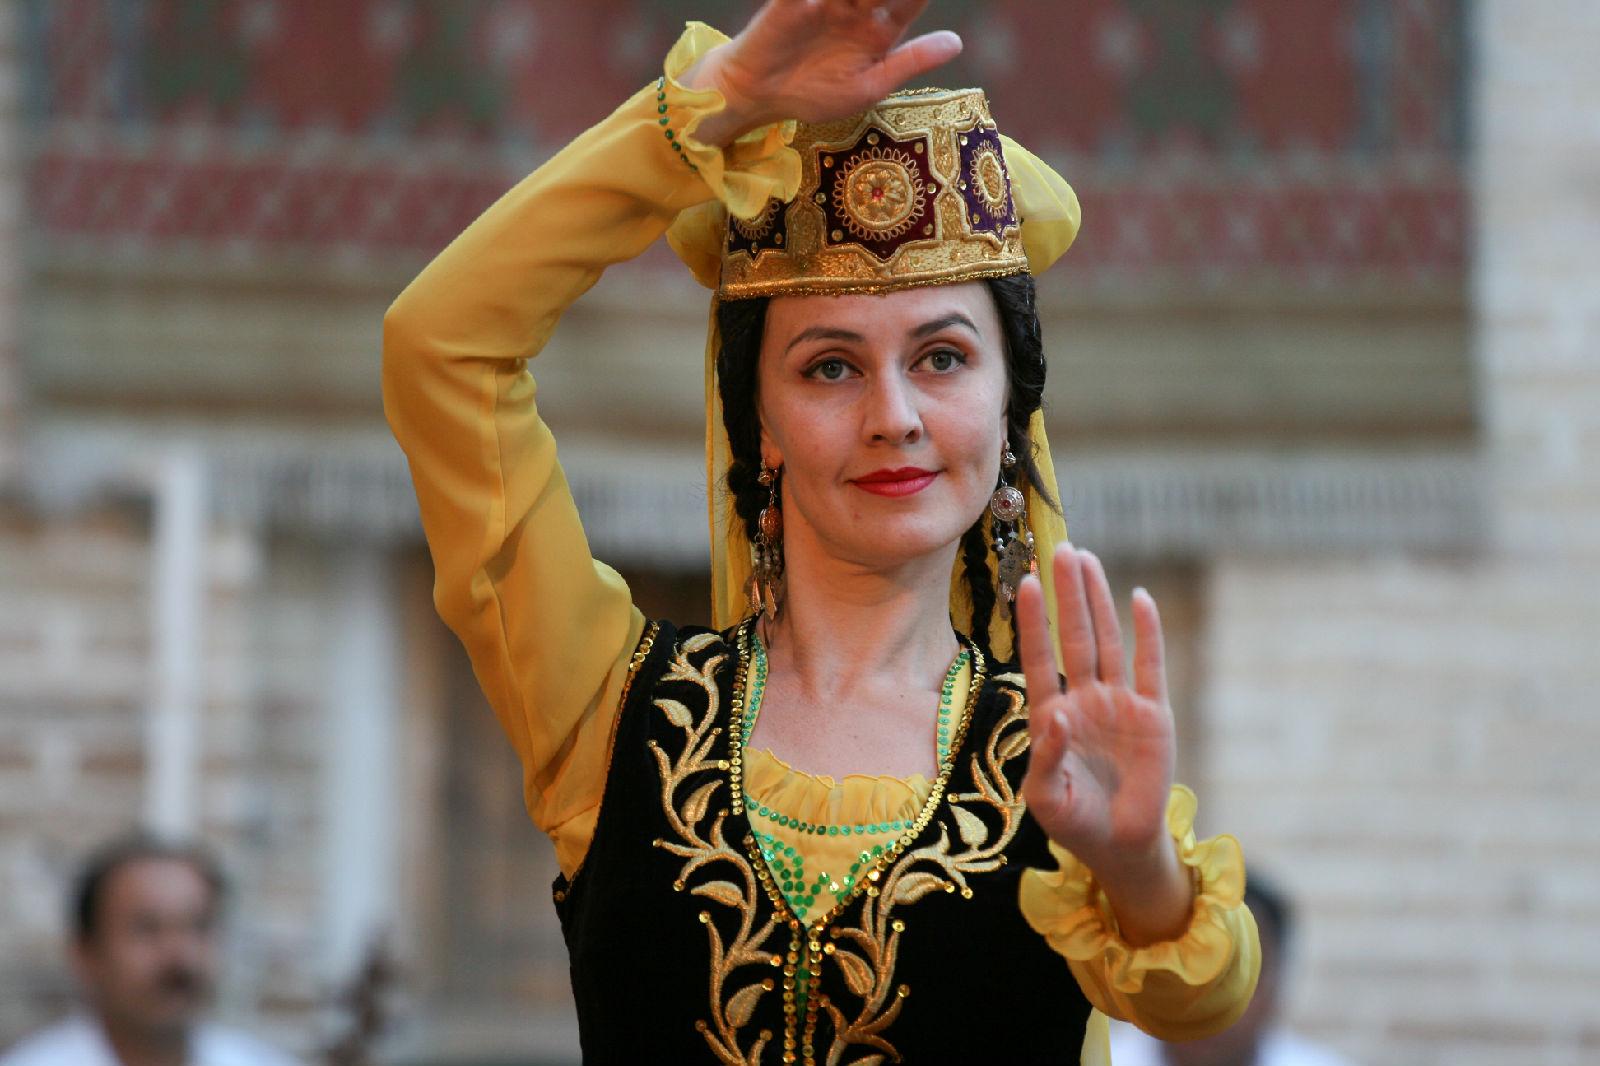 乌孜别克族的民族风俗